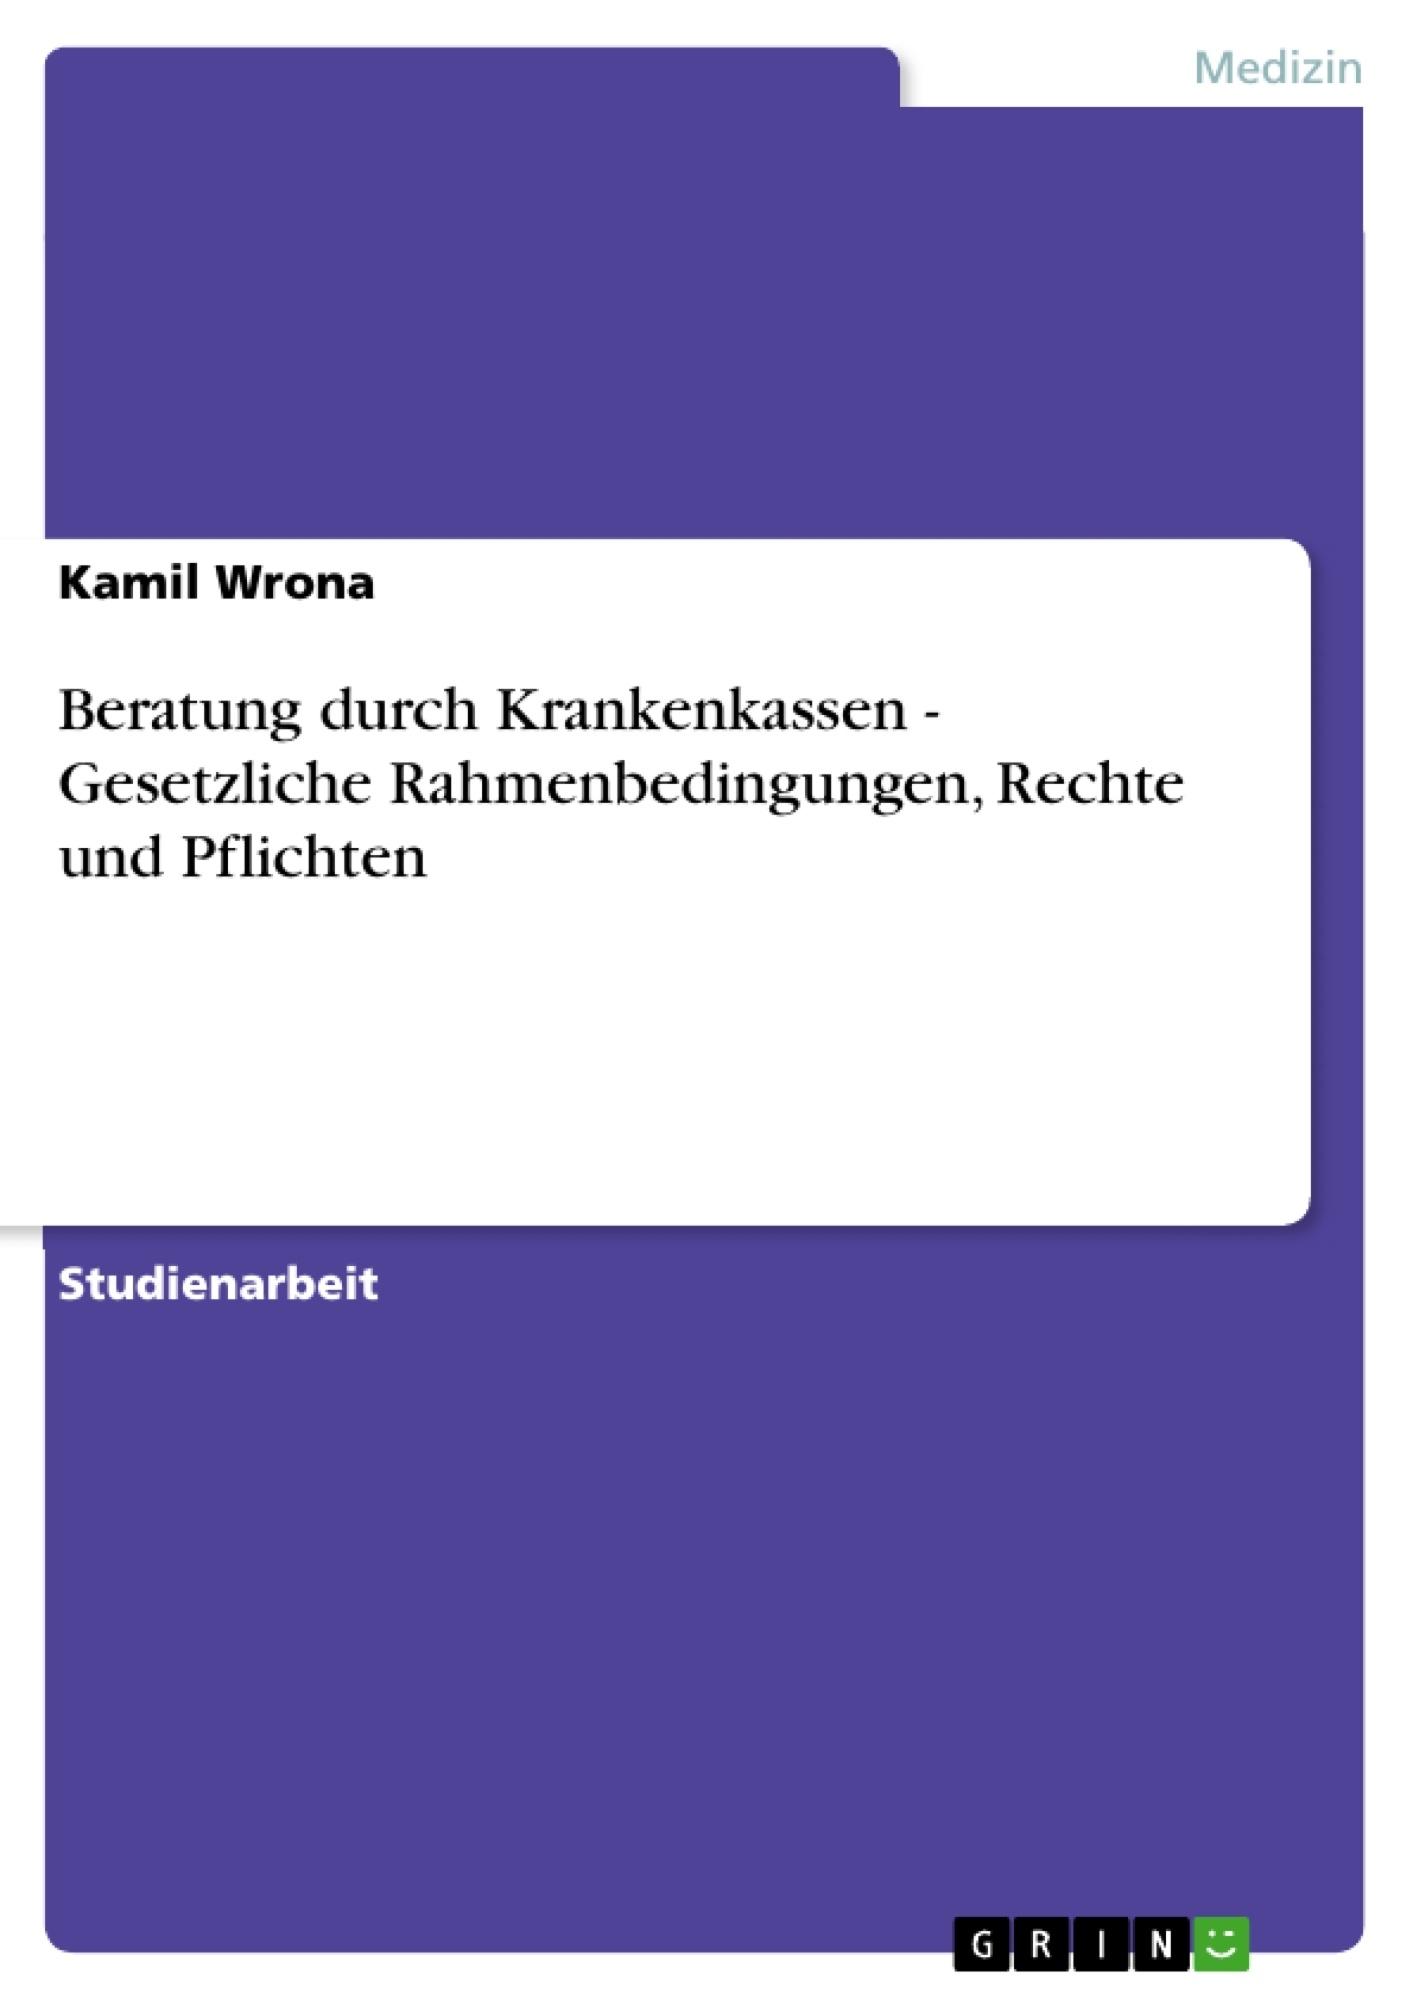 Titel: Beratung durch Krankenkassen - Gesetzliche Rahmenbedingungen, Rechte und Pflichten